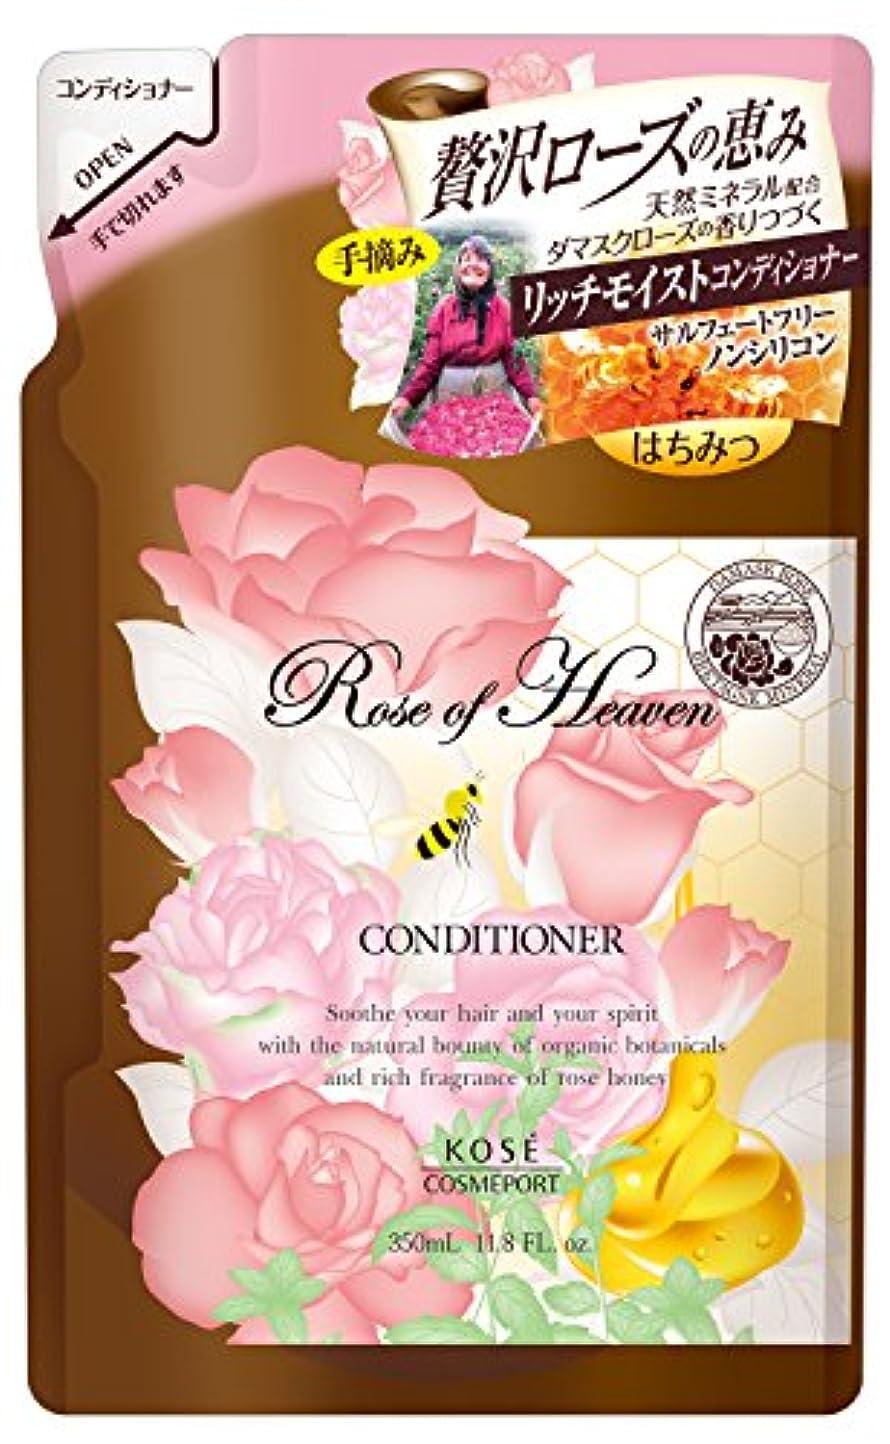 ゆり間に合わせシアーKOSE コーセー ローズオブヘブン コンディショナー ノンシリコン つめかえ 350ml (バラの香り)